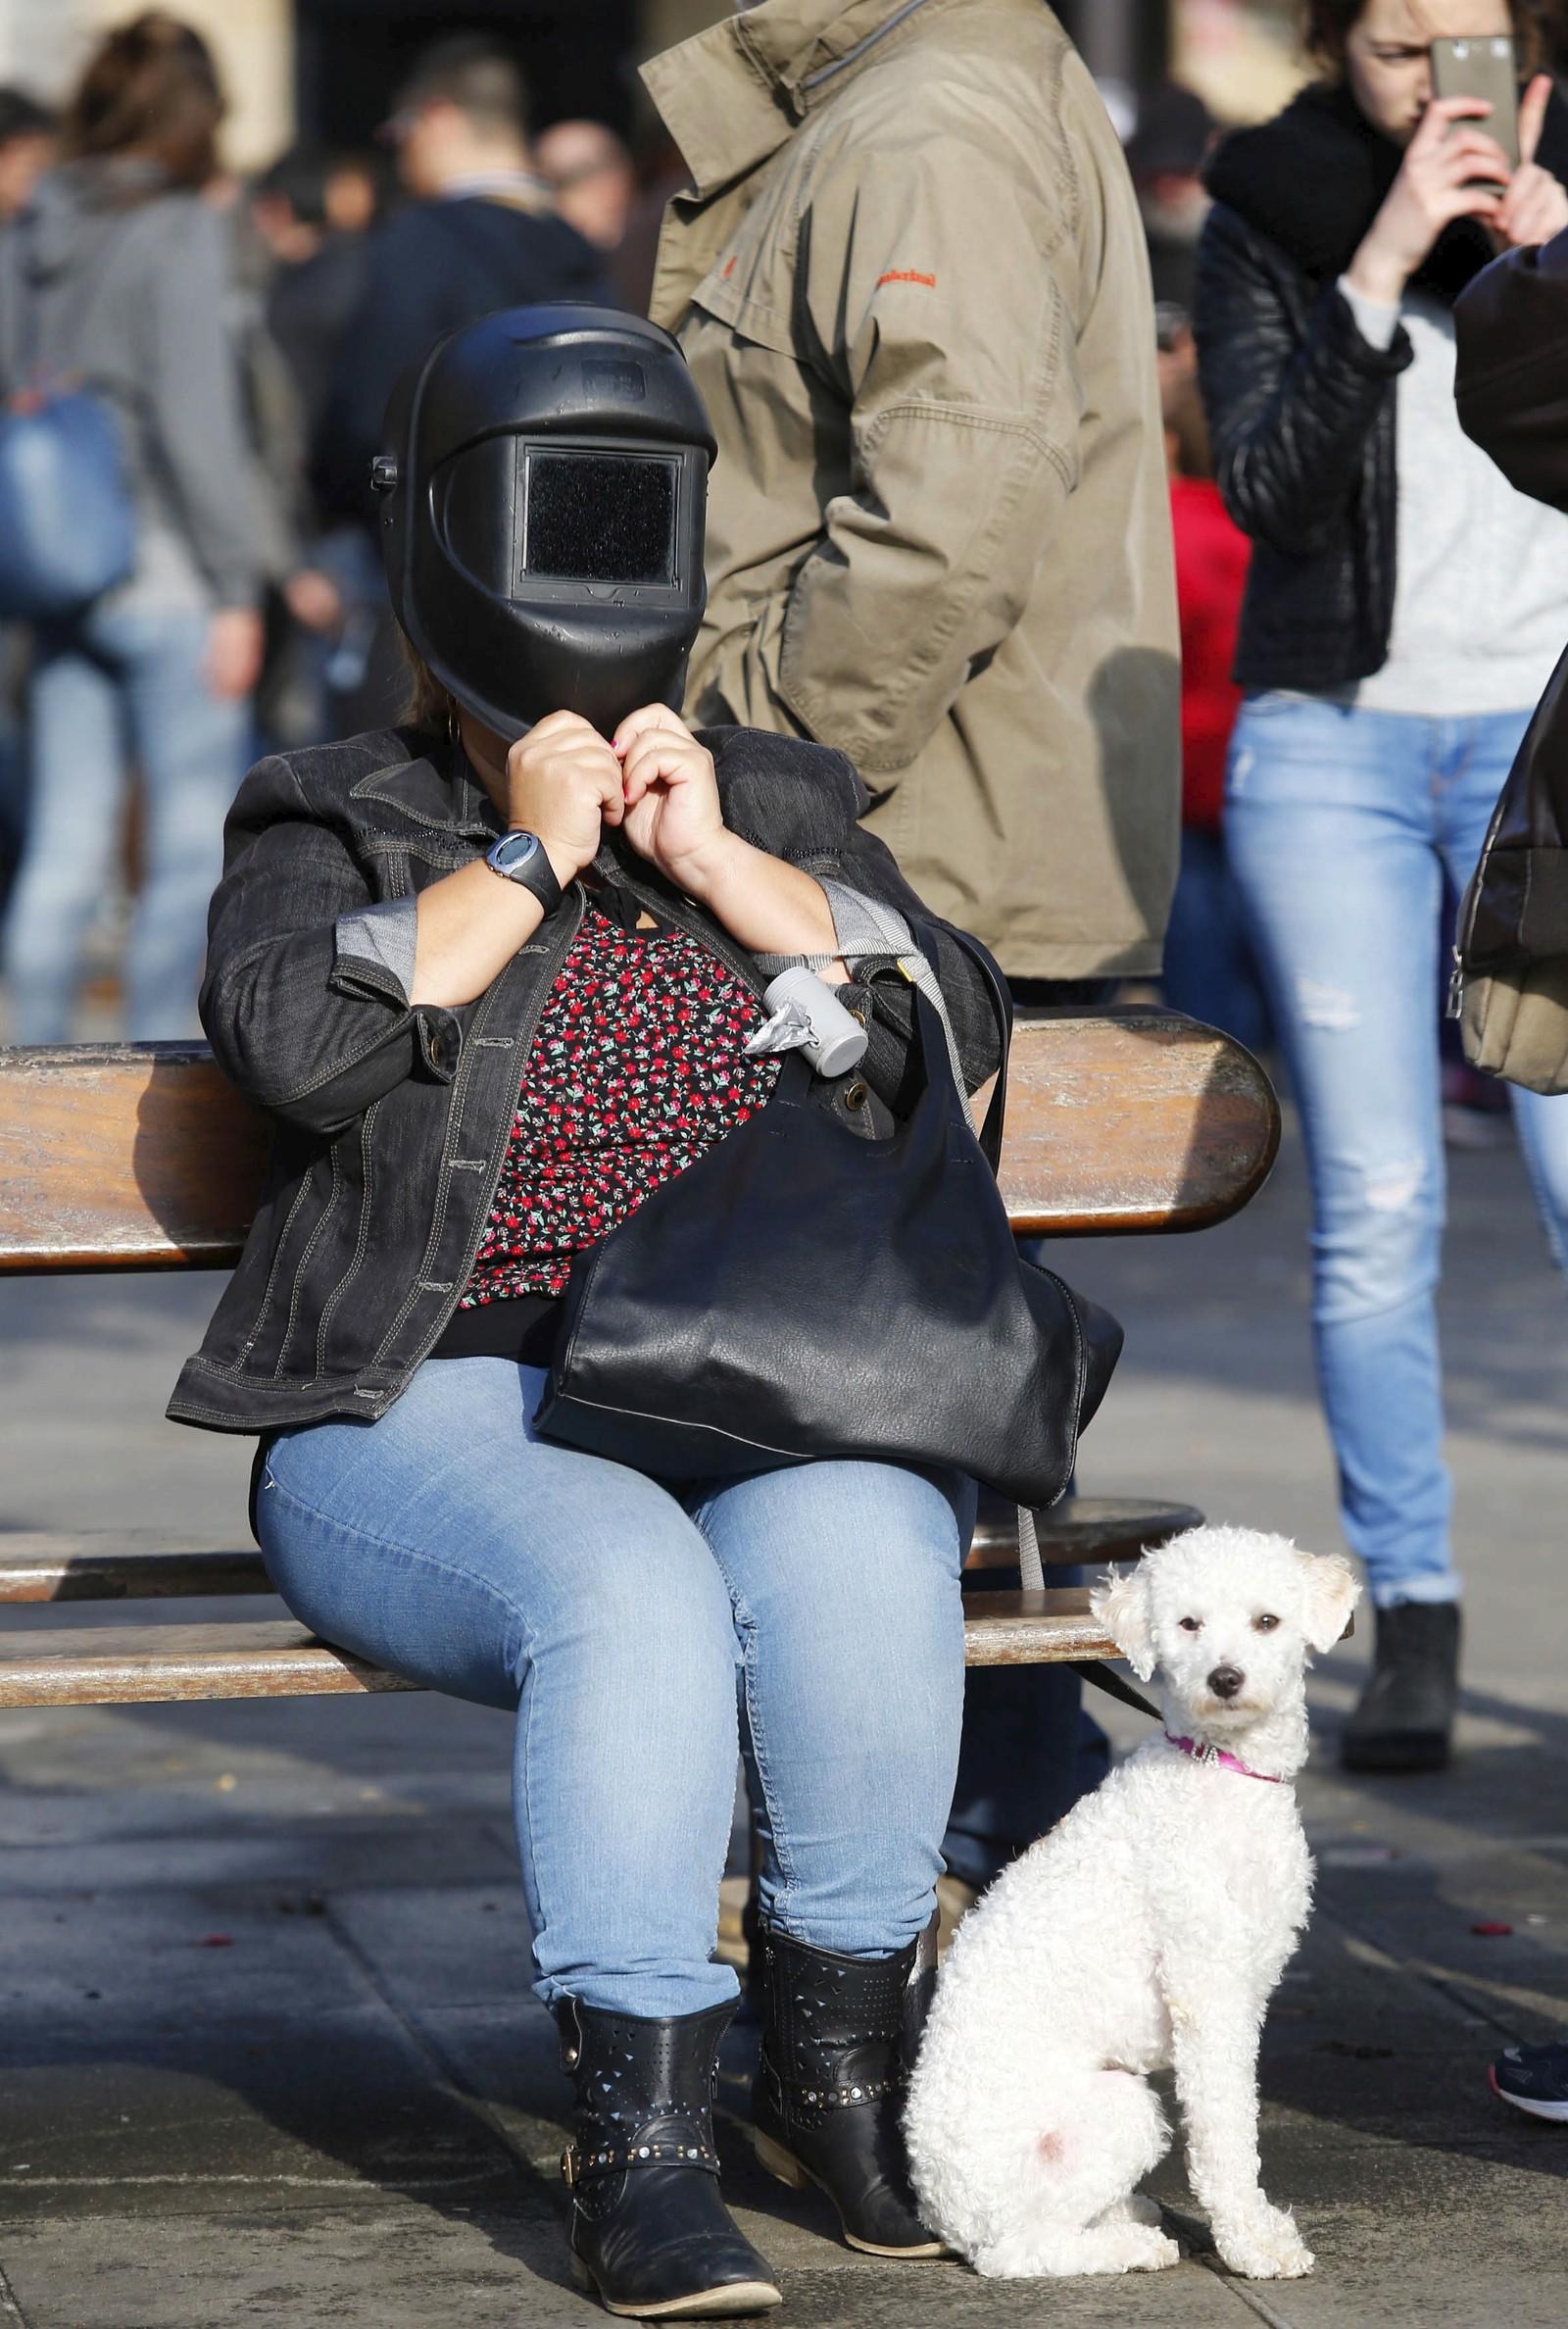 En kvinne med sveisermaske i Pontevedra, Spania.